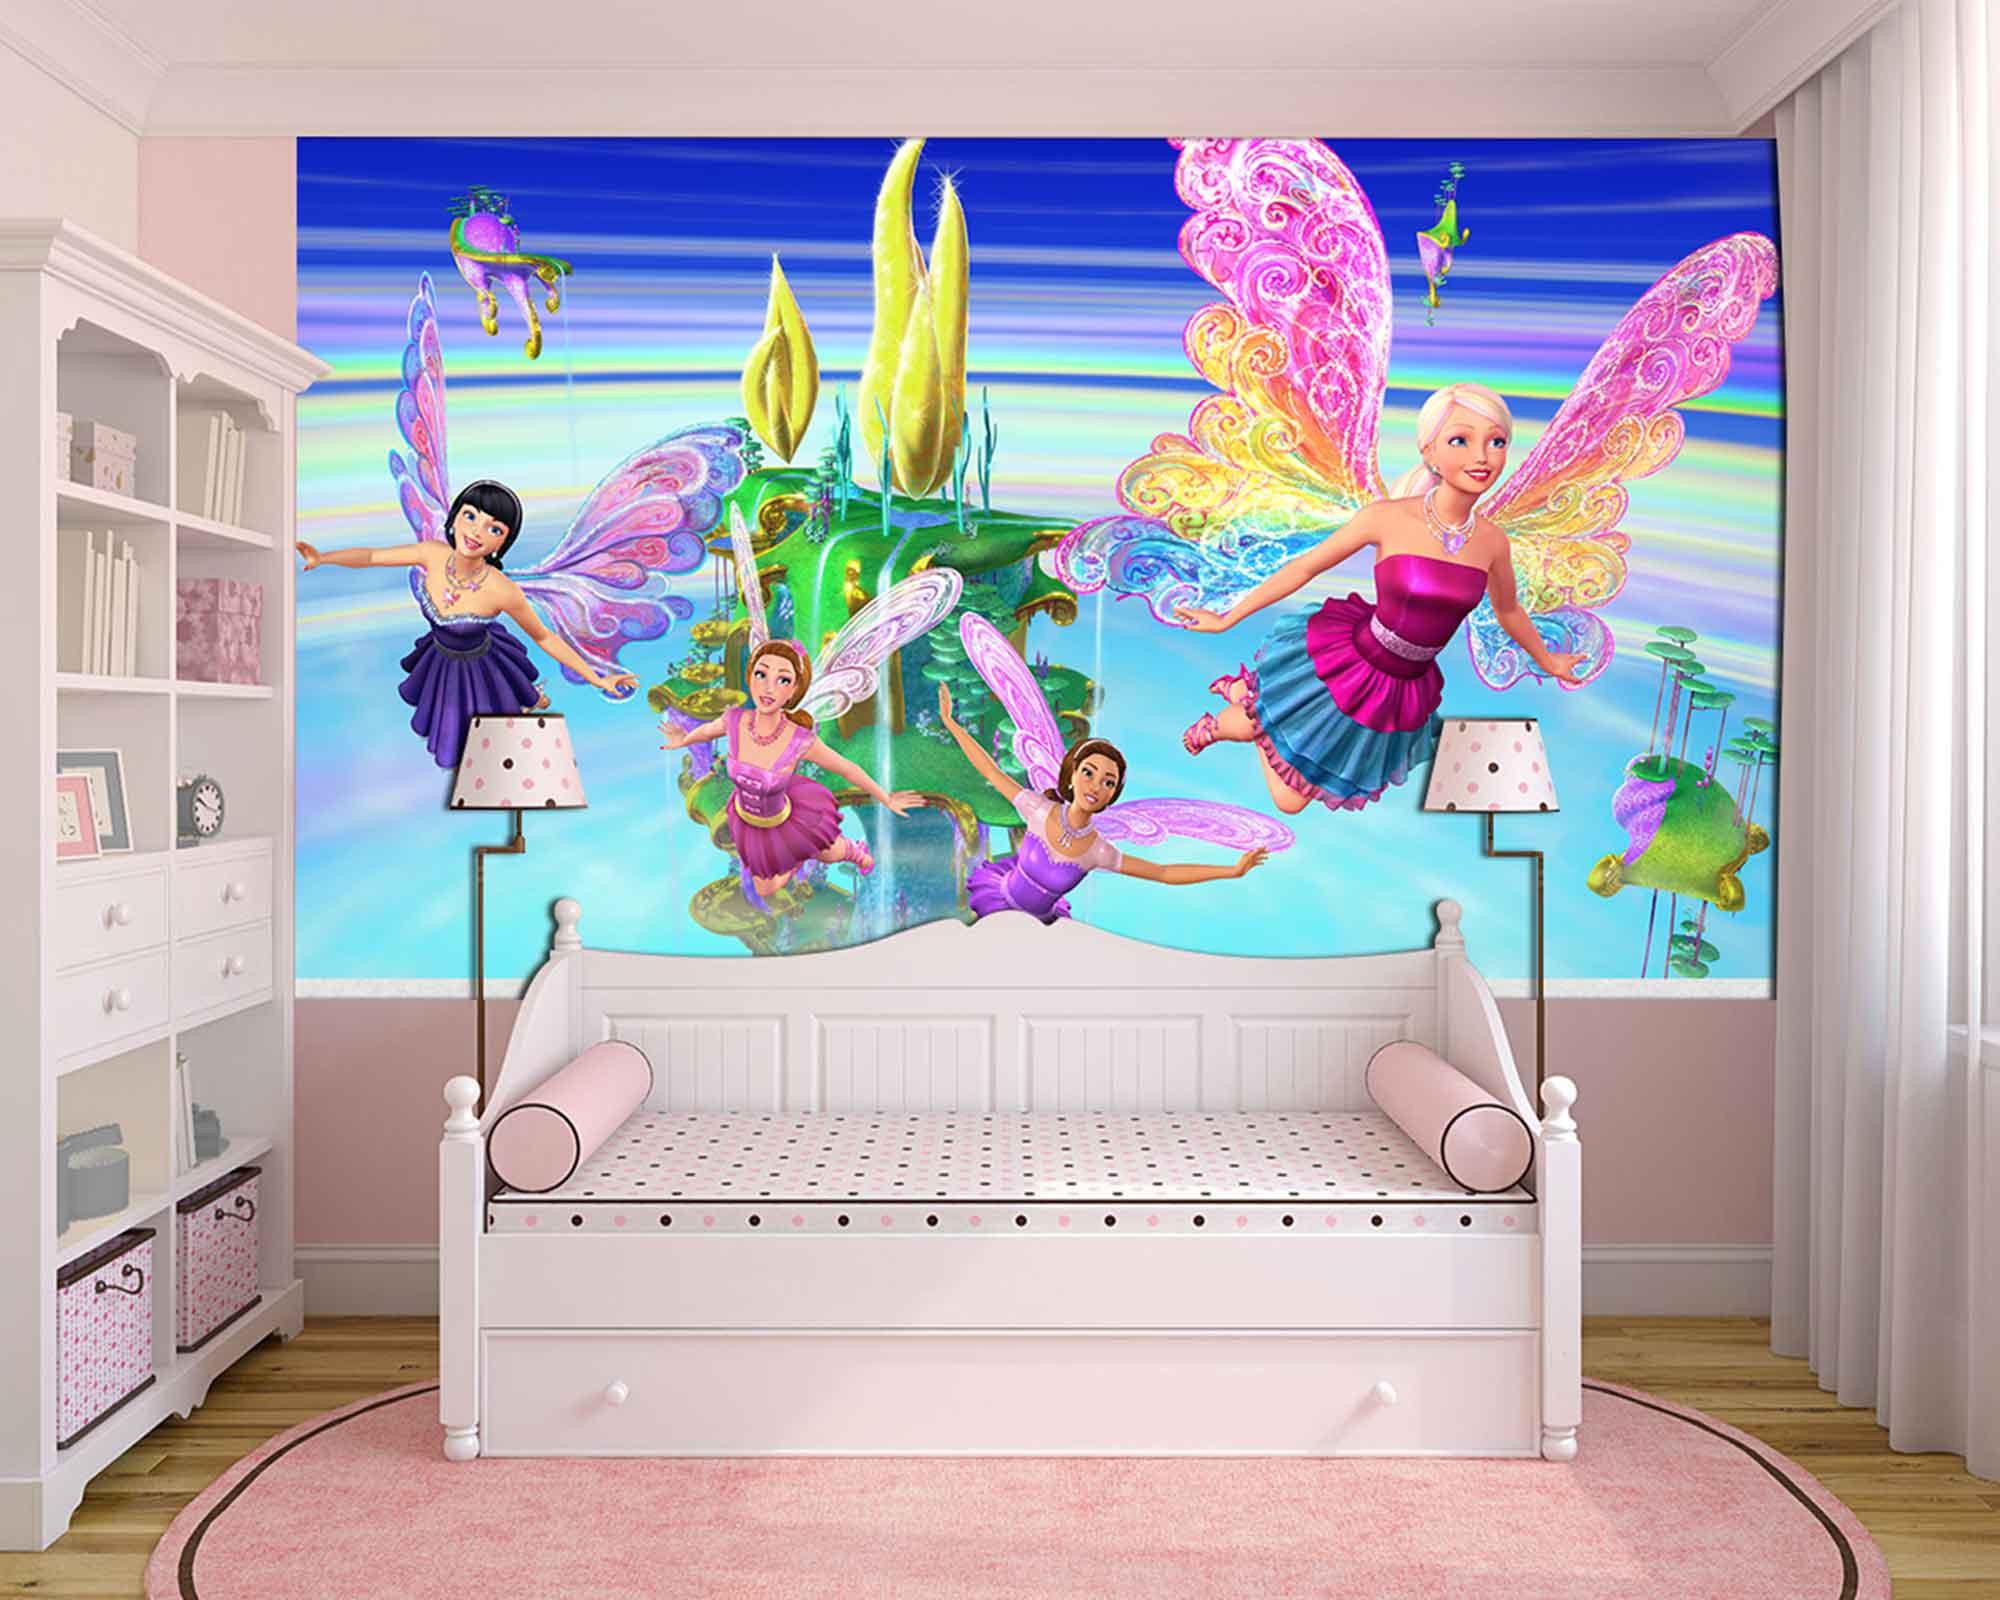 Papel De Parede 3D | Papel de Parede Infantil Barbie 0007 - Sobmedida: m²  - Paredes Decoradas